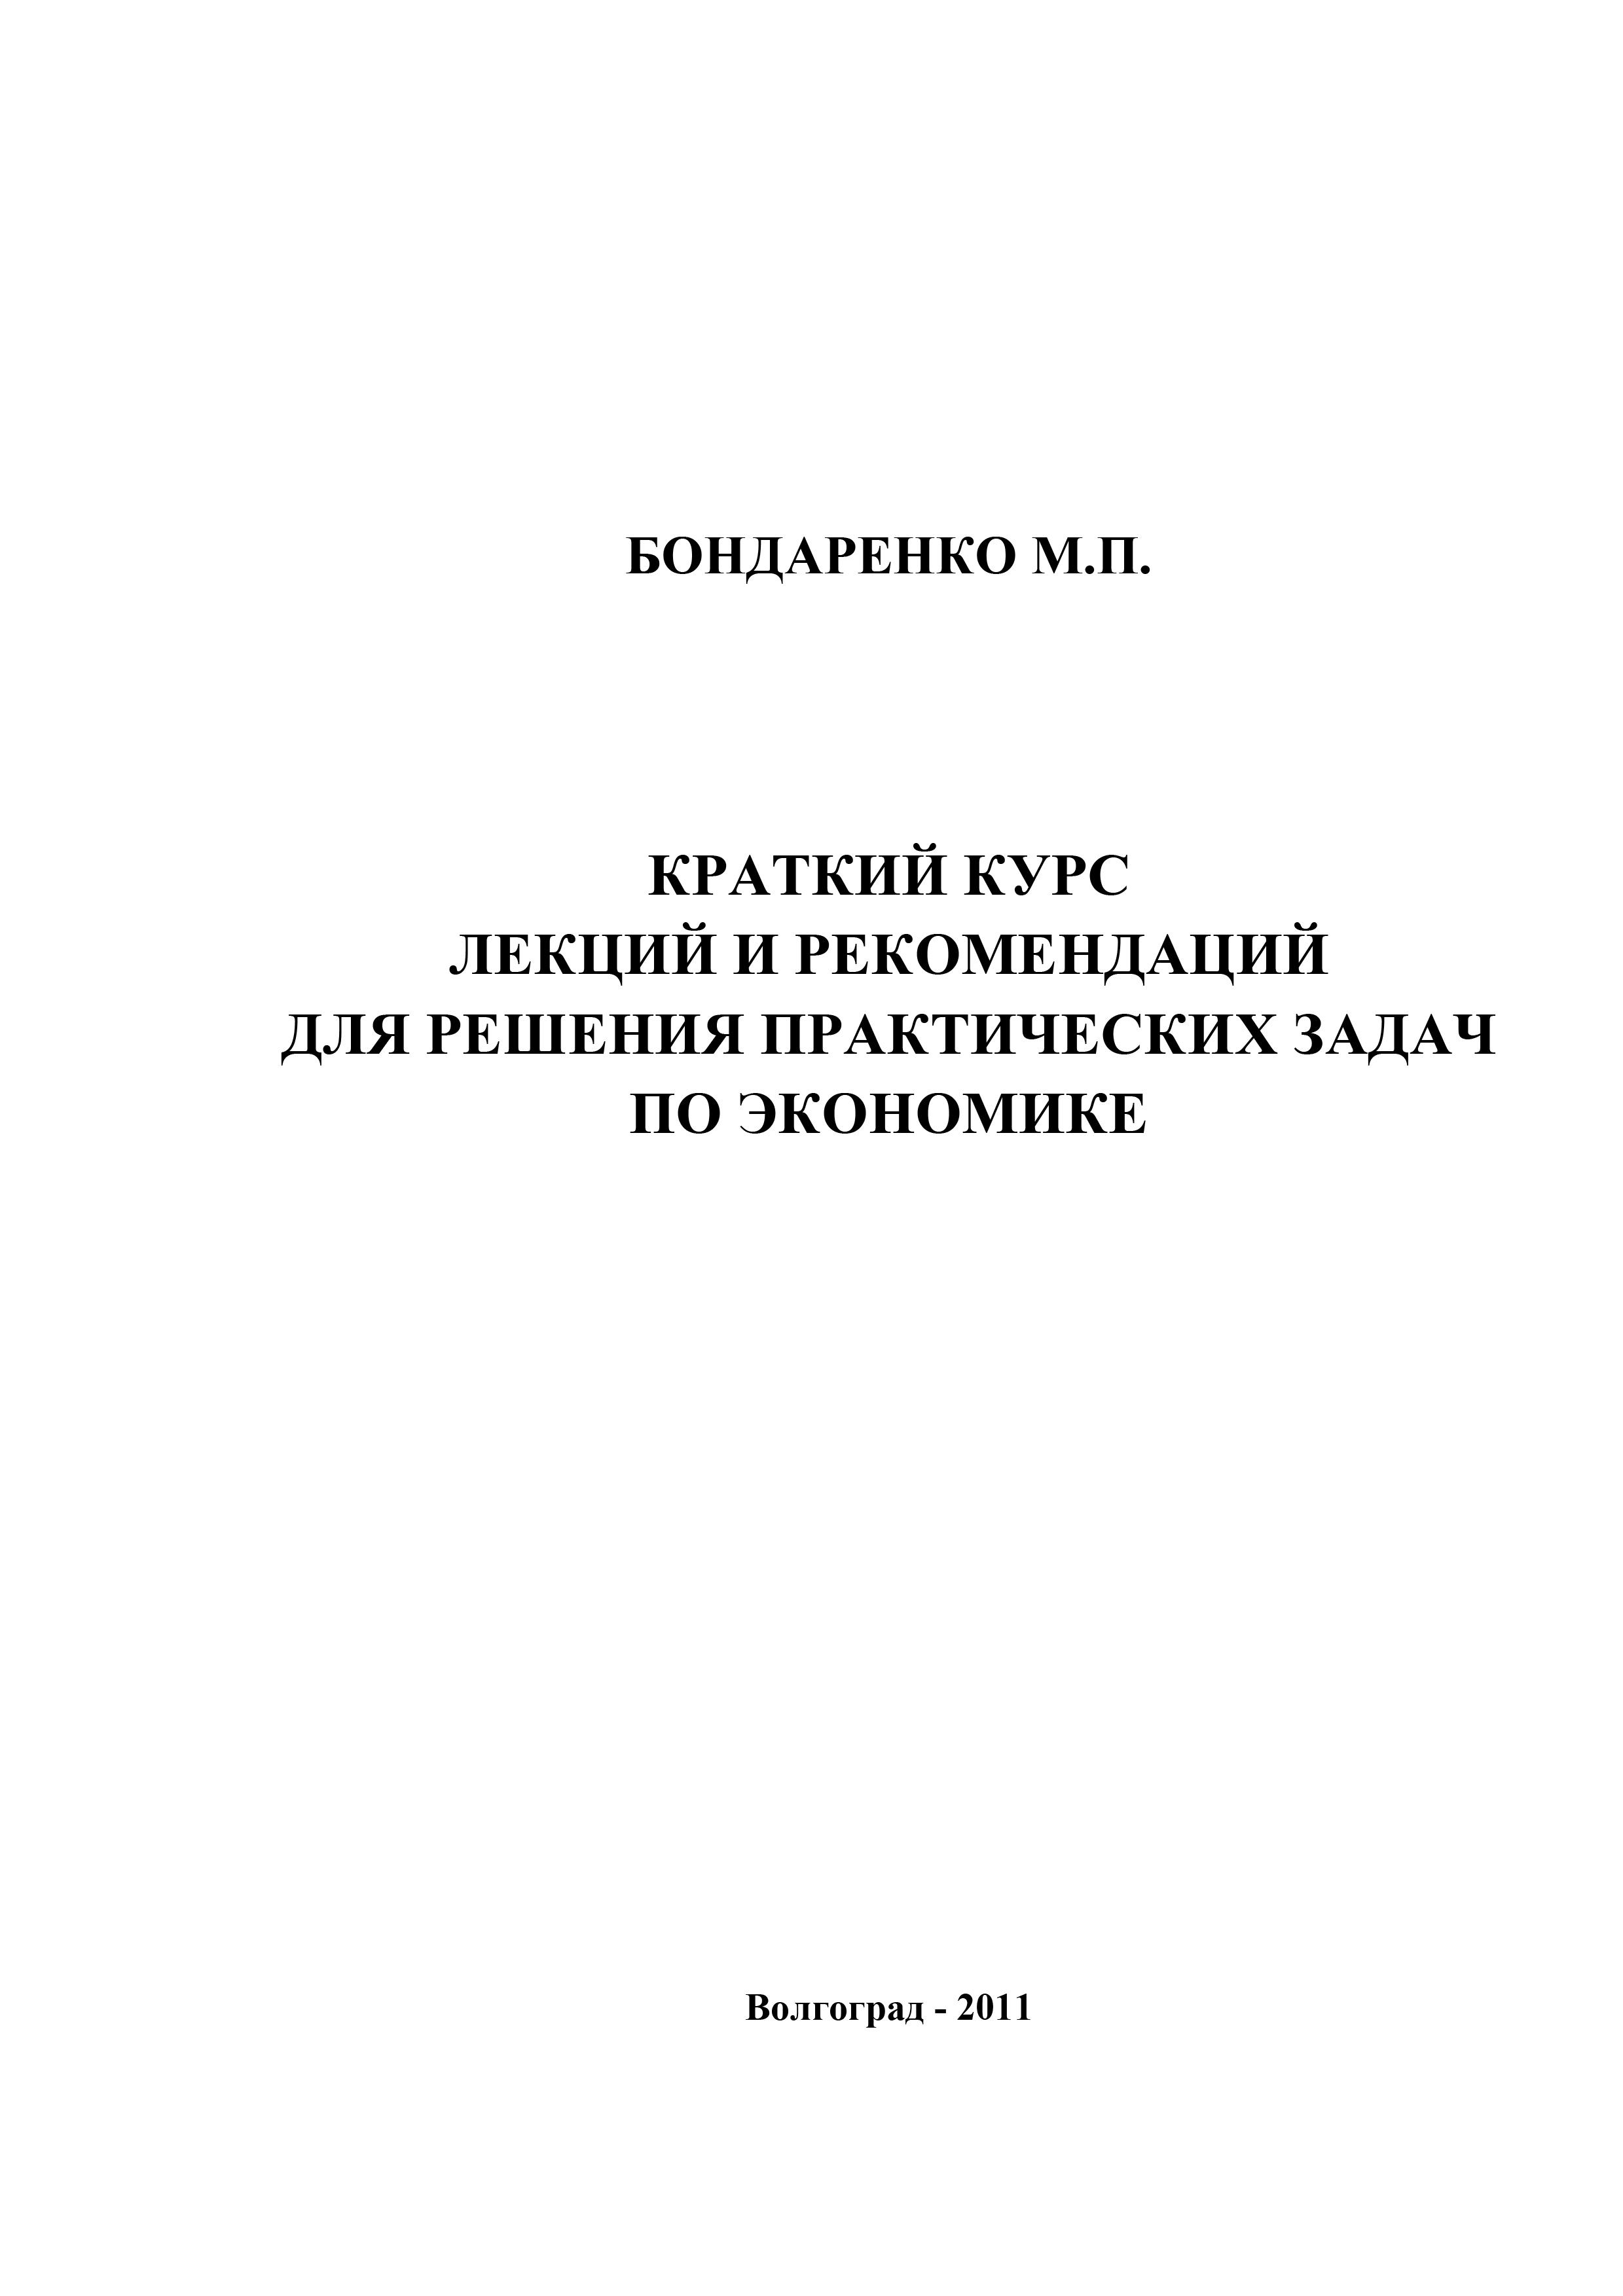 Краткий курс лекций и рекомендаций для решения практических задач по экономике